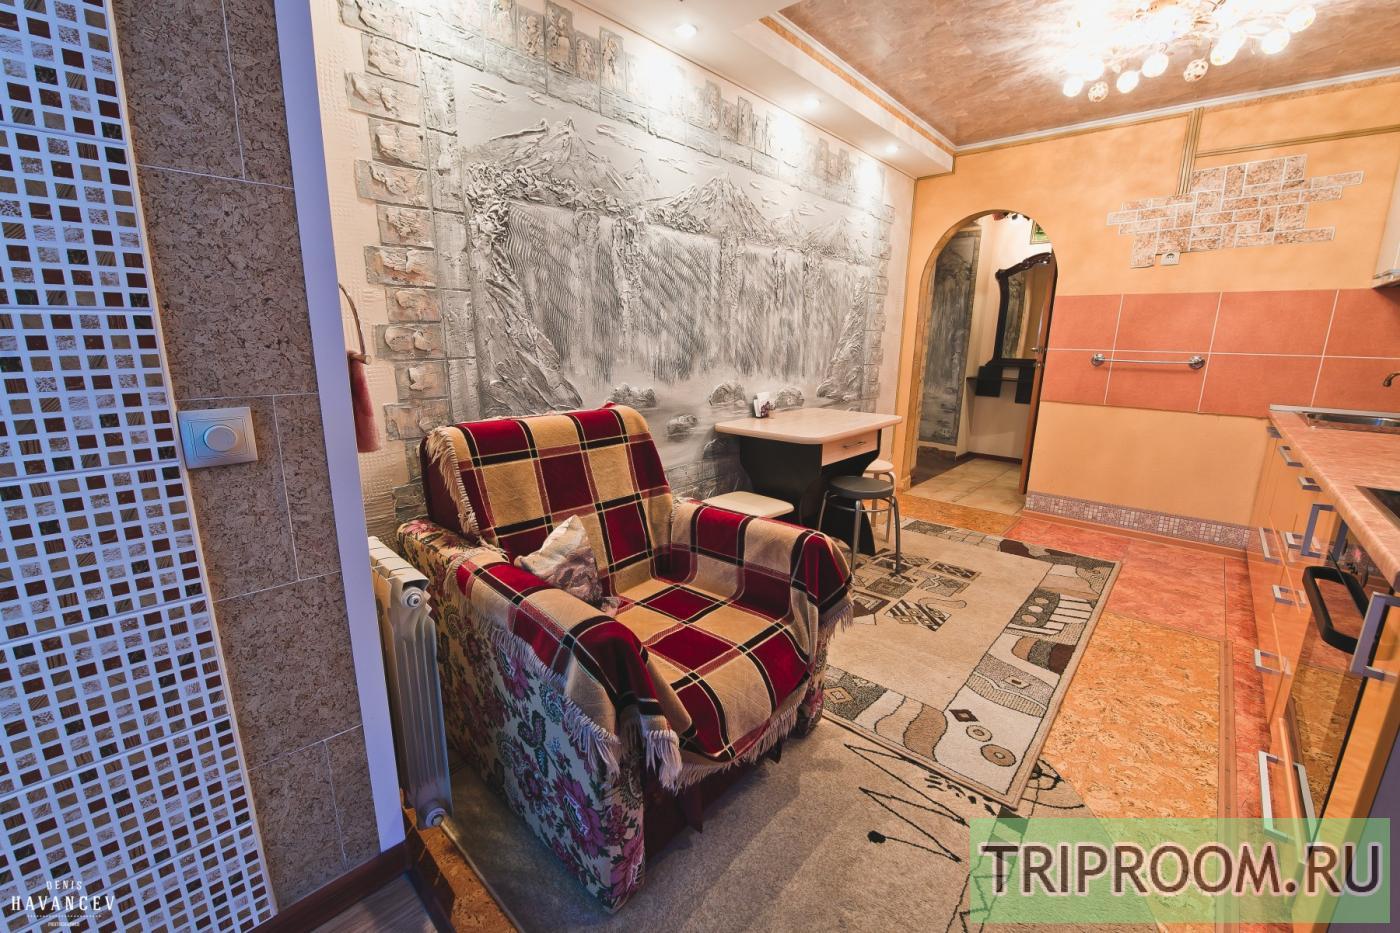 1-комнатная квартира посуточно (вариант № 14828), ул. 1-й Магнитный проезд, фото № 10